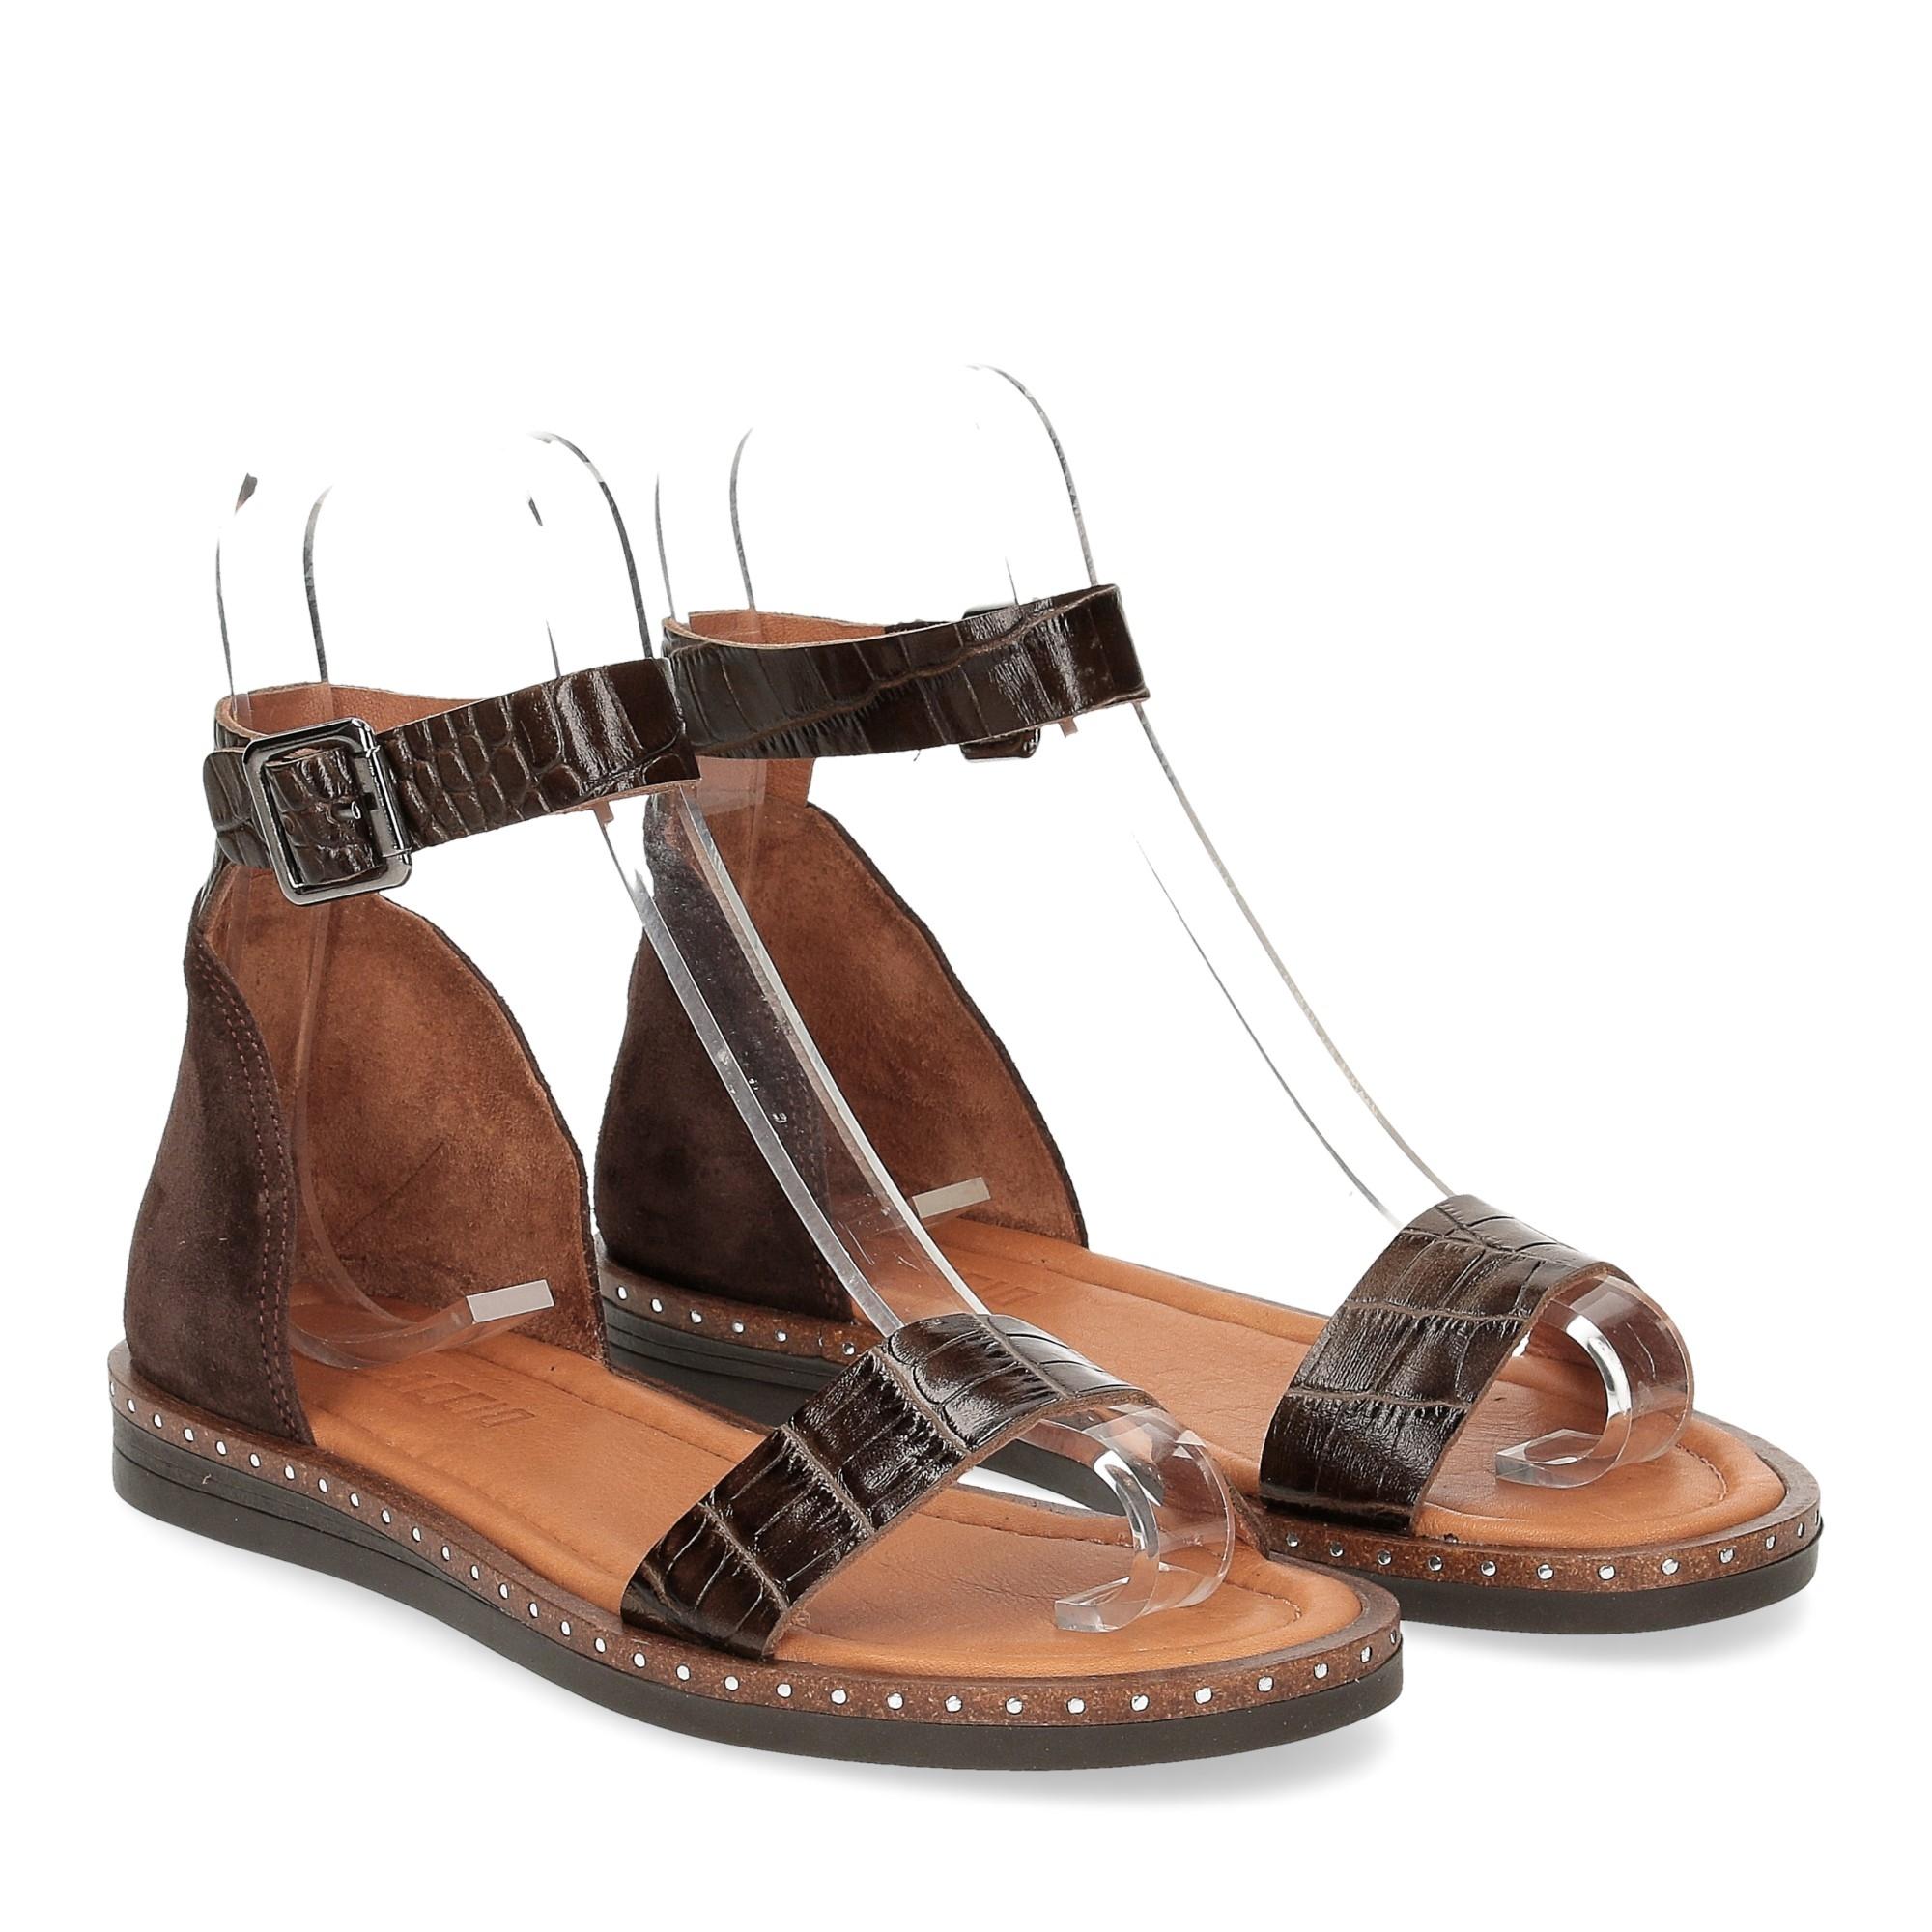 Il laccio sandalo in pelle testa di moro